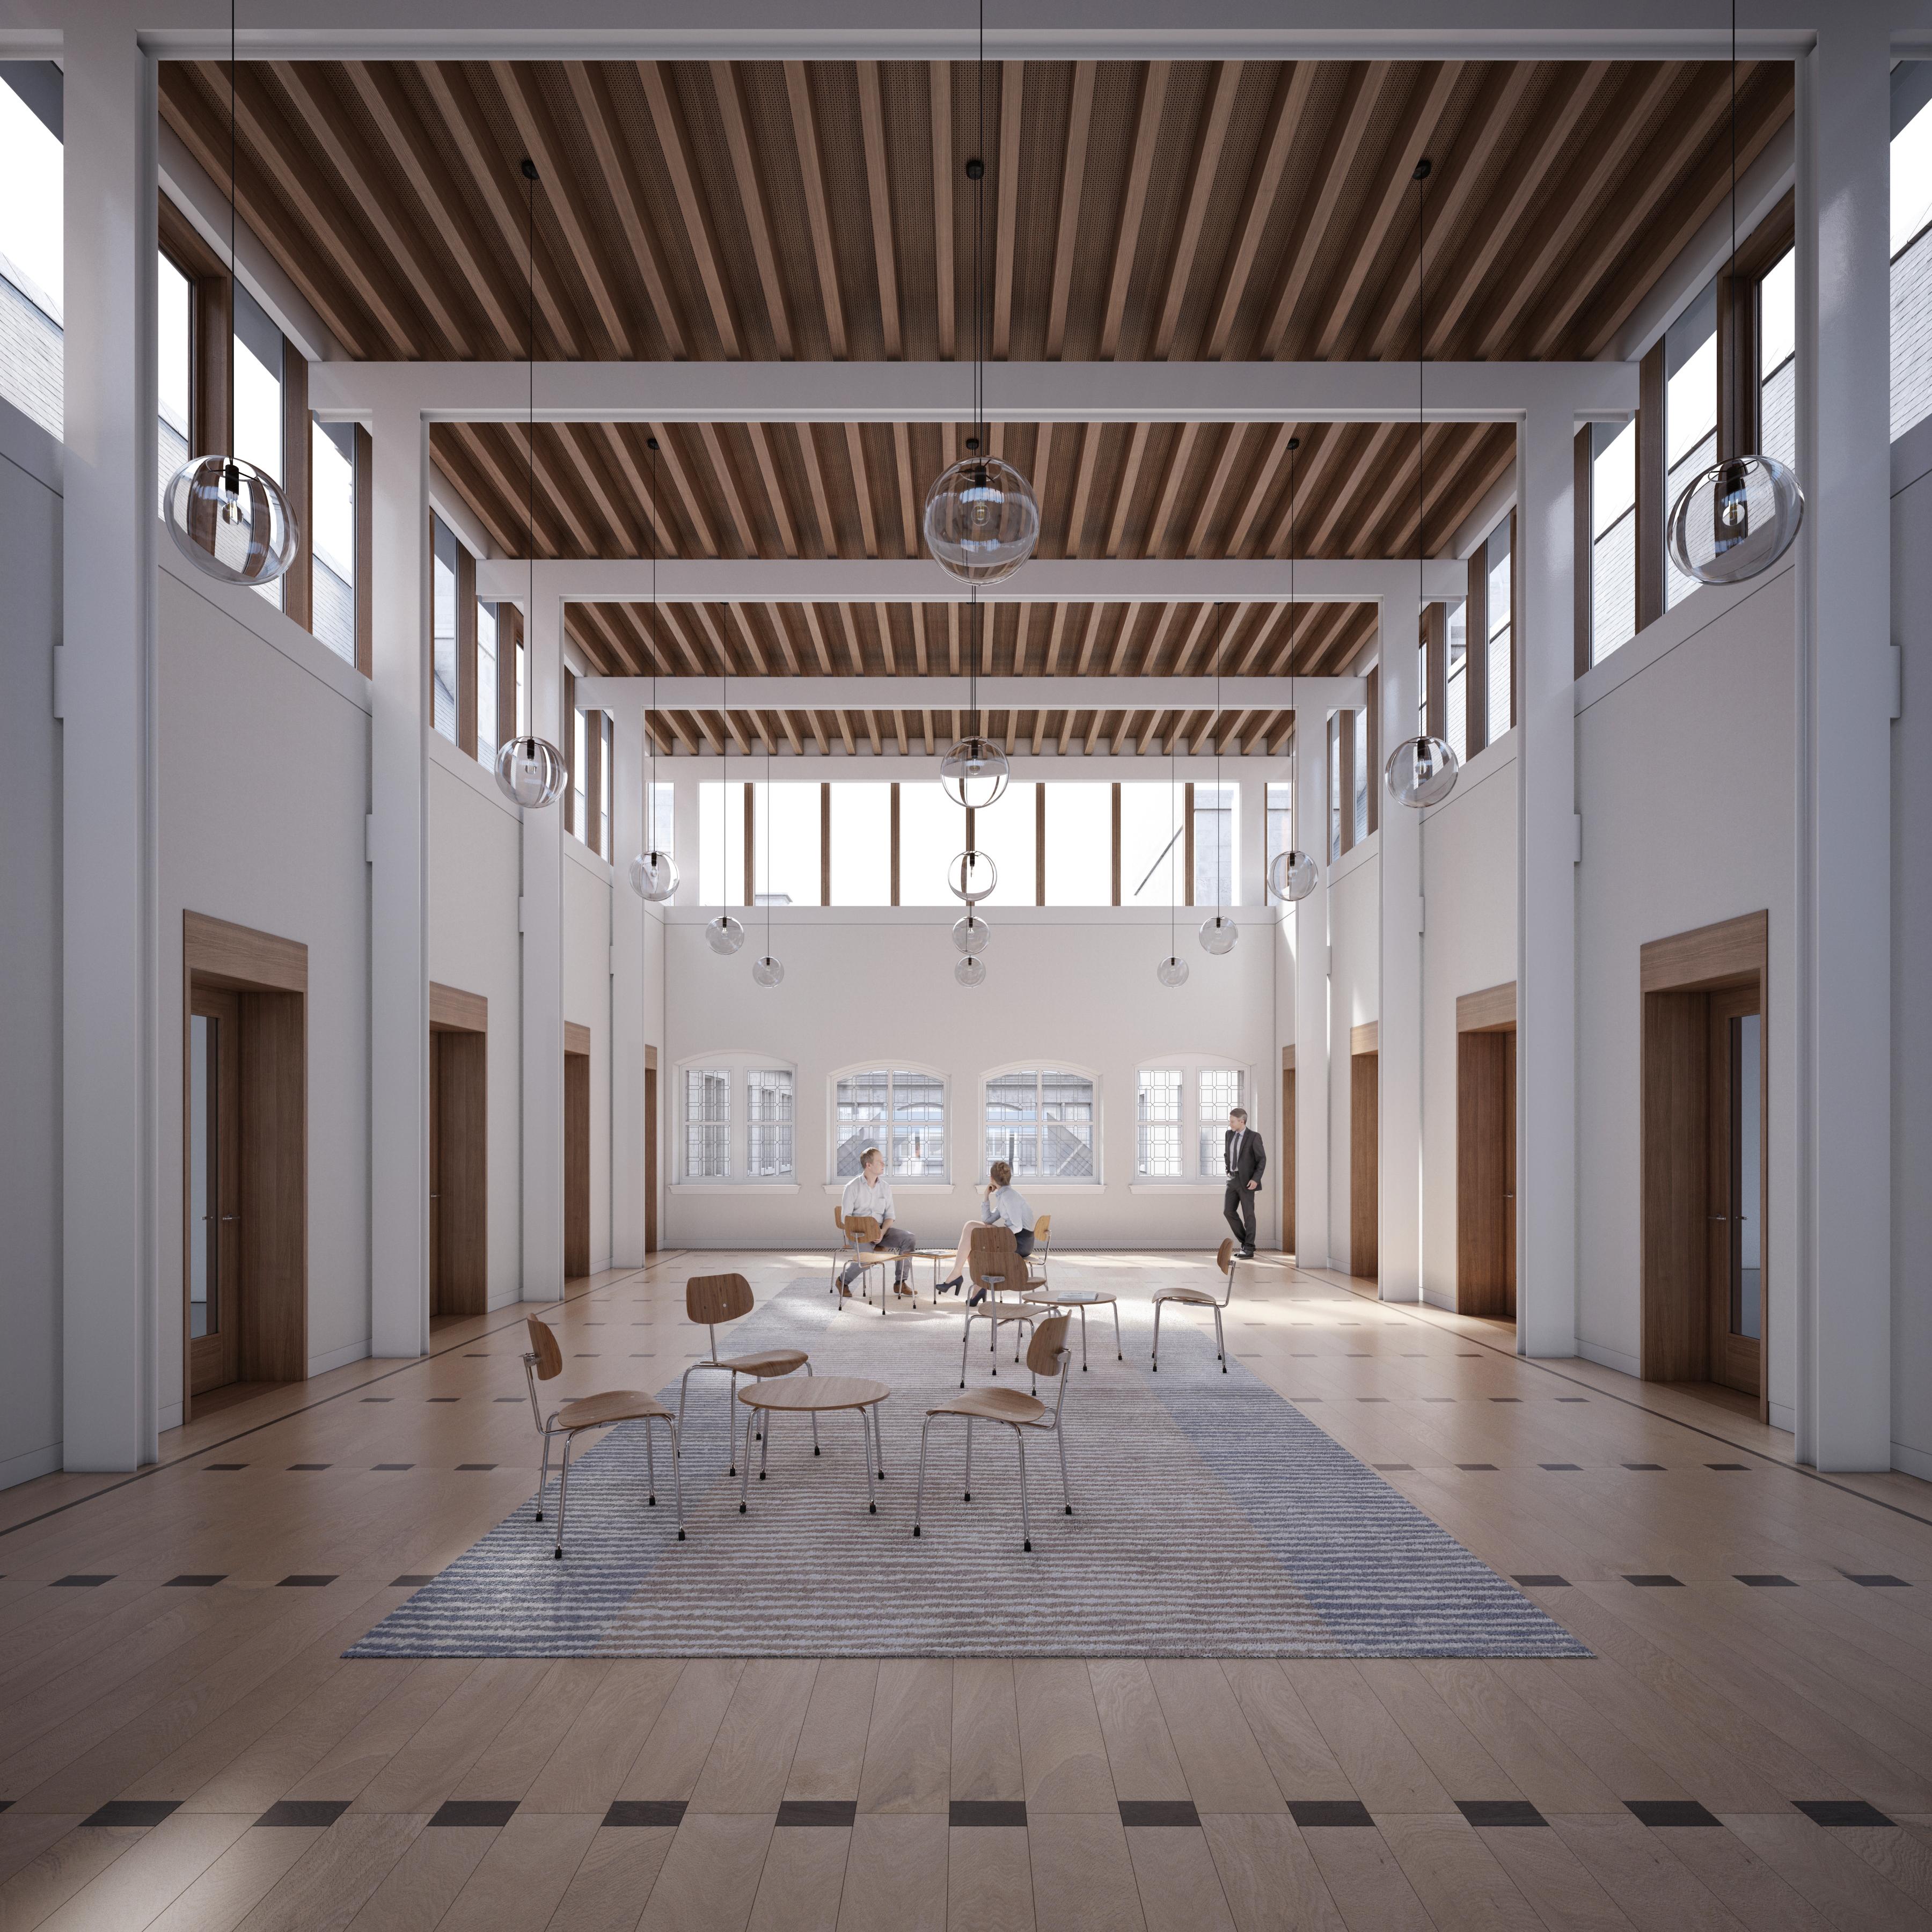 Een simulatiebeeld van de dubbelhoge ruimtes op de tweede verdieping van het stadhuis